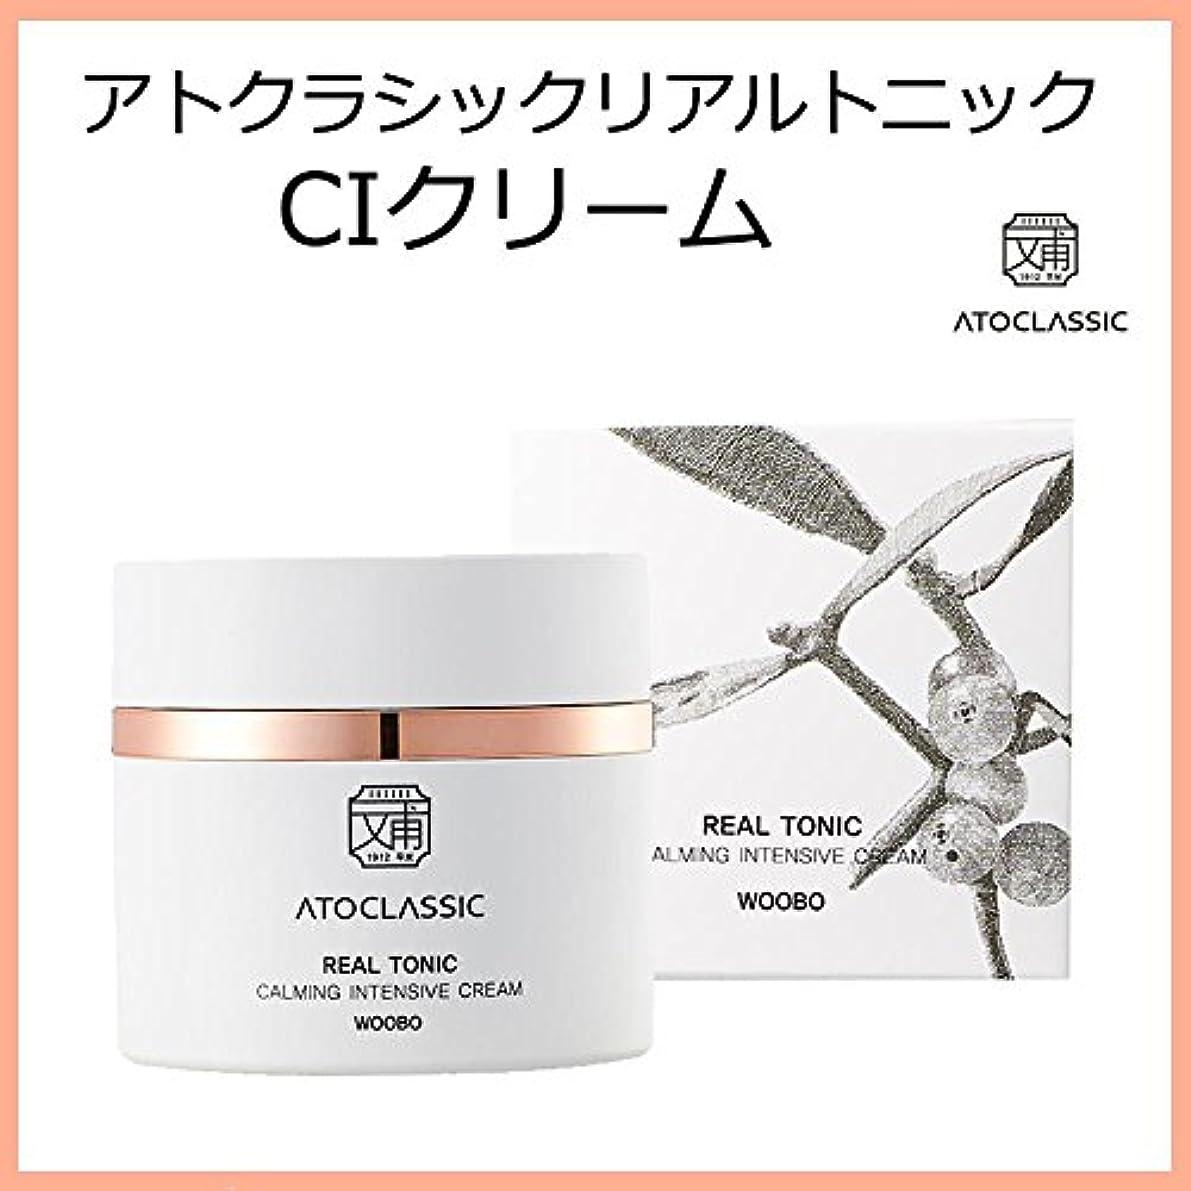 つぶやき属性汚染する韓国コスメ ATOCLASSIC アトクラシックリアルトニック CIクリーム(Calming Intensive Cream) 50ml